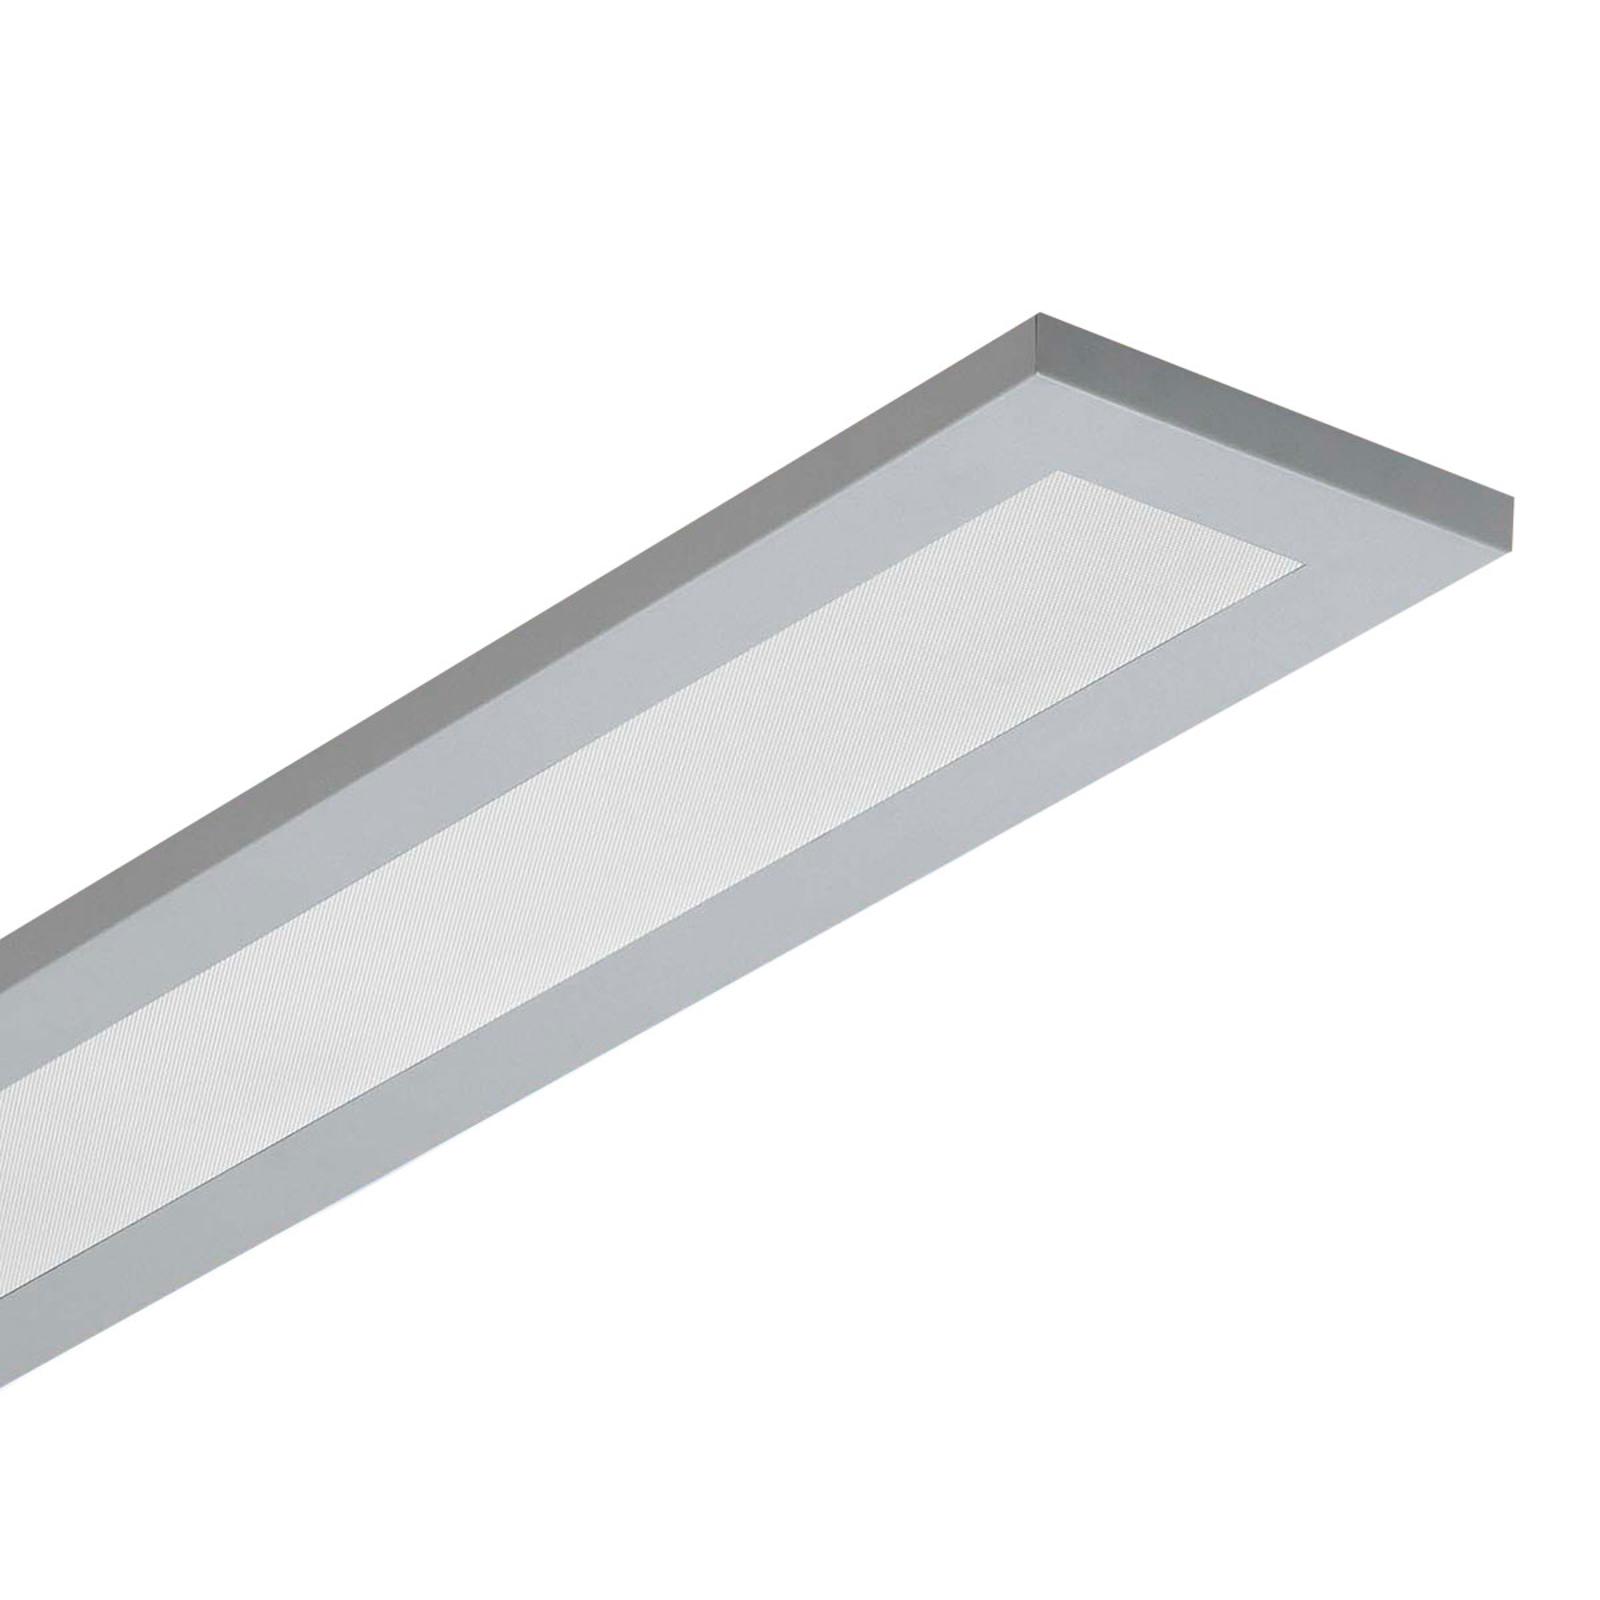 LED-Pendelleuchte LAS 4.000 K